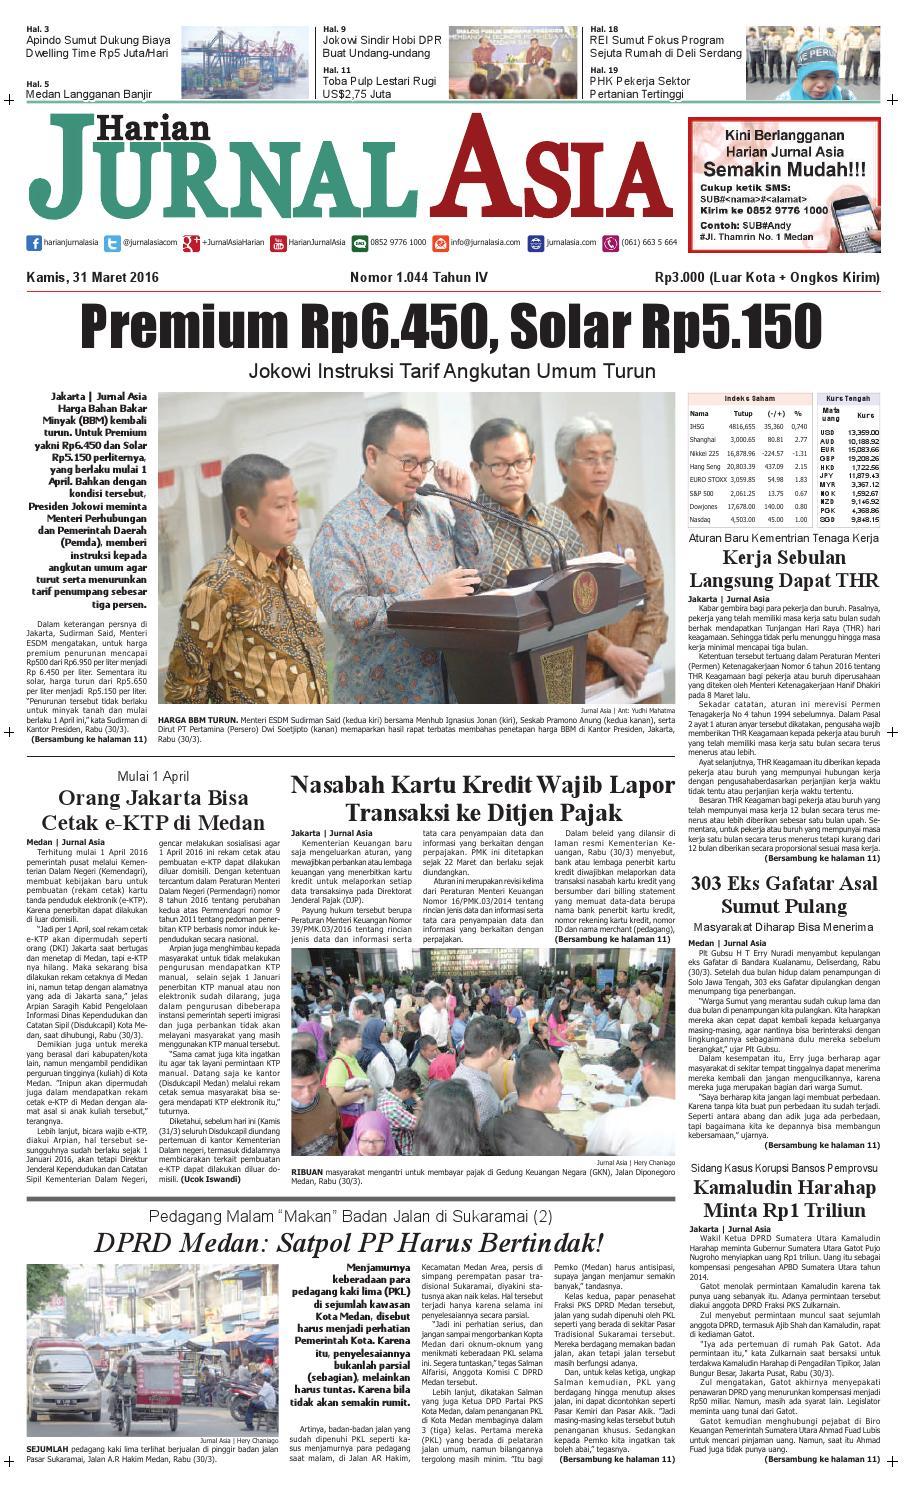 Harian Jurnal Asia Edisi Kamis 31 Maret 2016 By Produk Ukm Bumn Kain Batik Middle Premium 3 Bendera 01 Medan Issuu